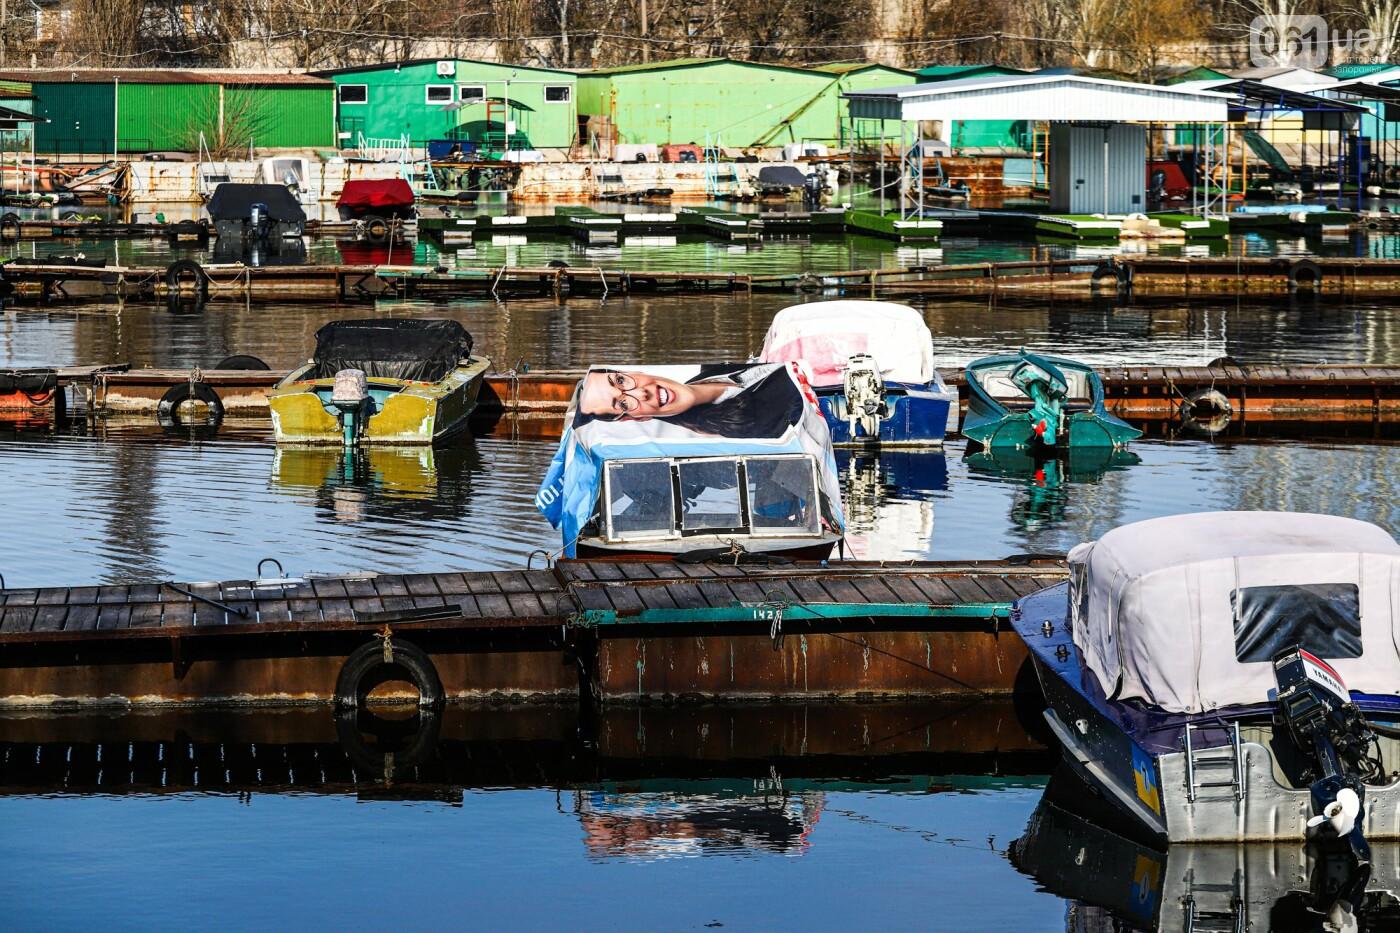 «Семь футов под килем!»: как в запорожском яхт-клубе спускали судна на воду, - ФОТОРЕПОРТАЖ , фото-40